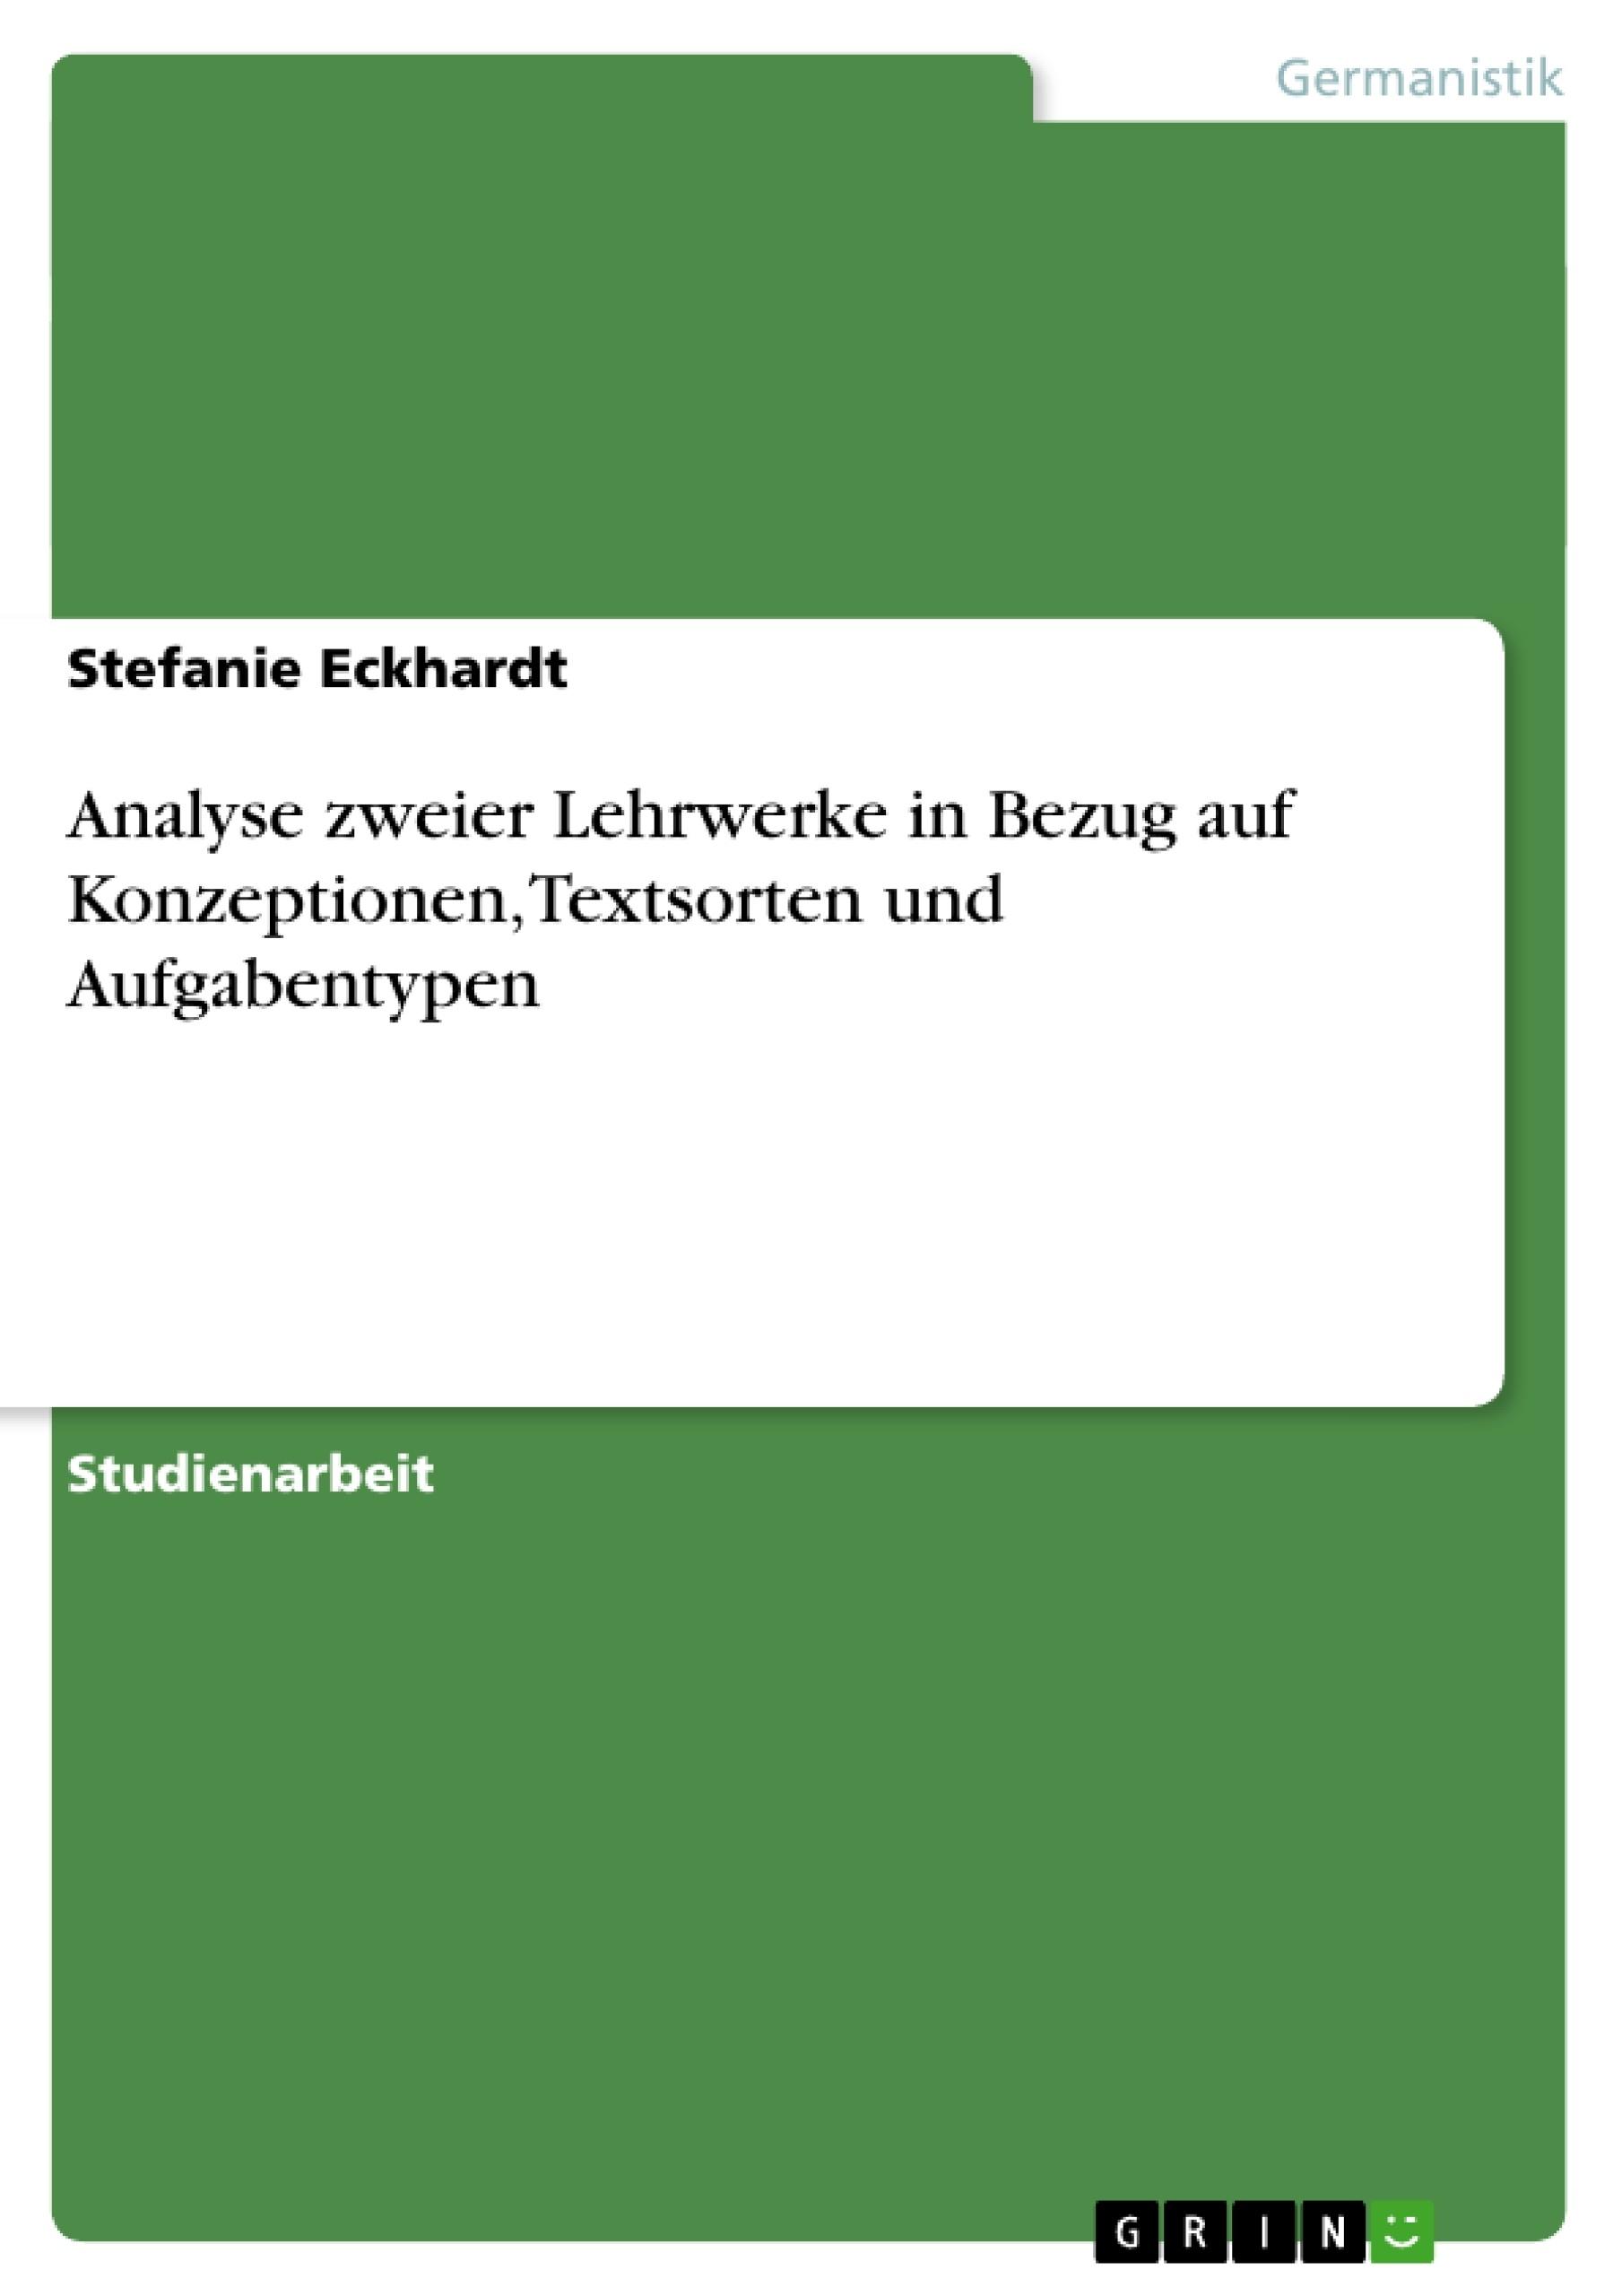 Titel: Analyse zweier Lehrwerke in Bezug auf Konzeptionen, Textsorten und Aufgabentypen